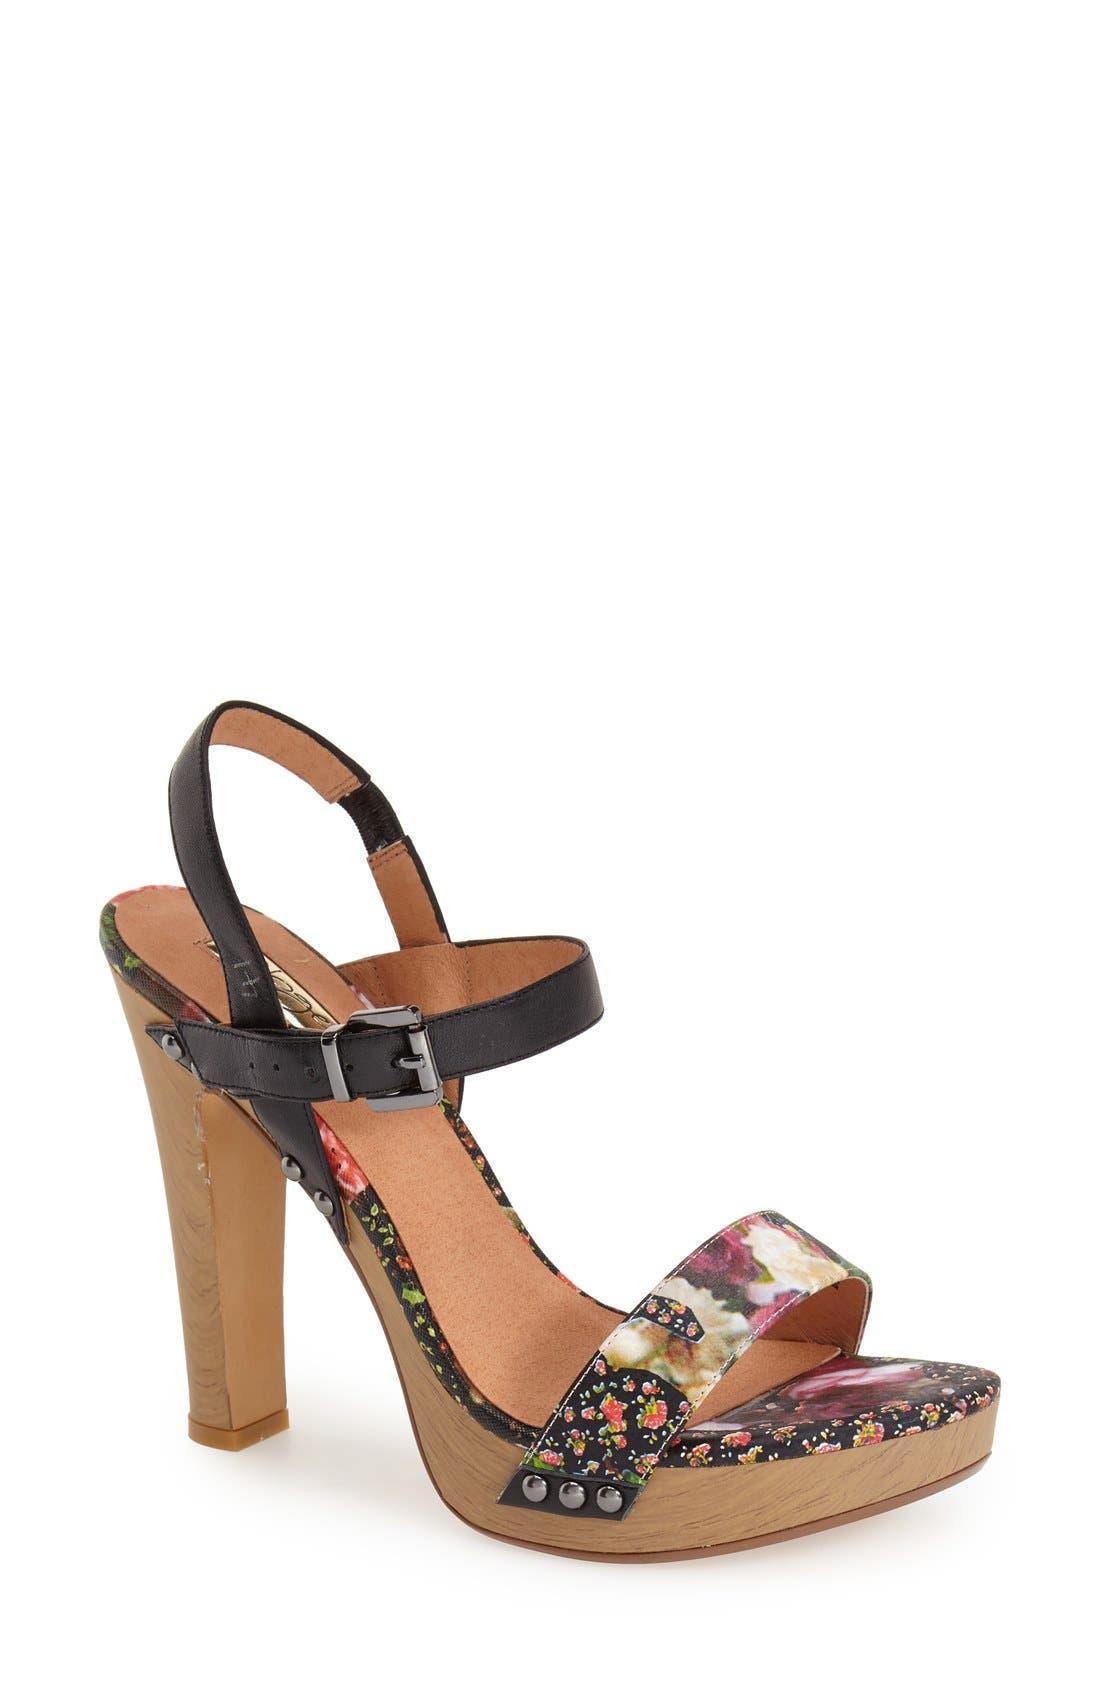 Main Image - Halogen® 'Viv' Platform Sandal (Women)